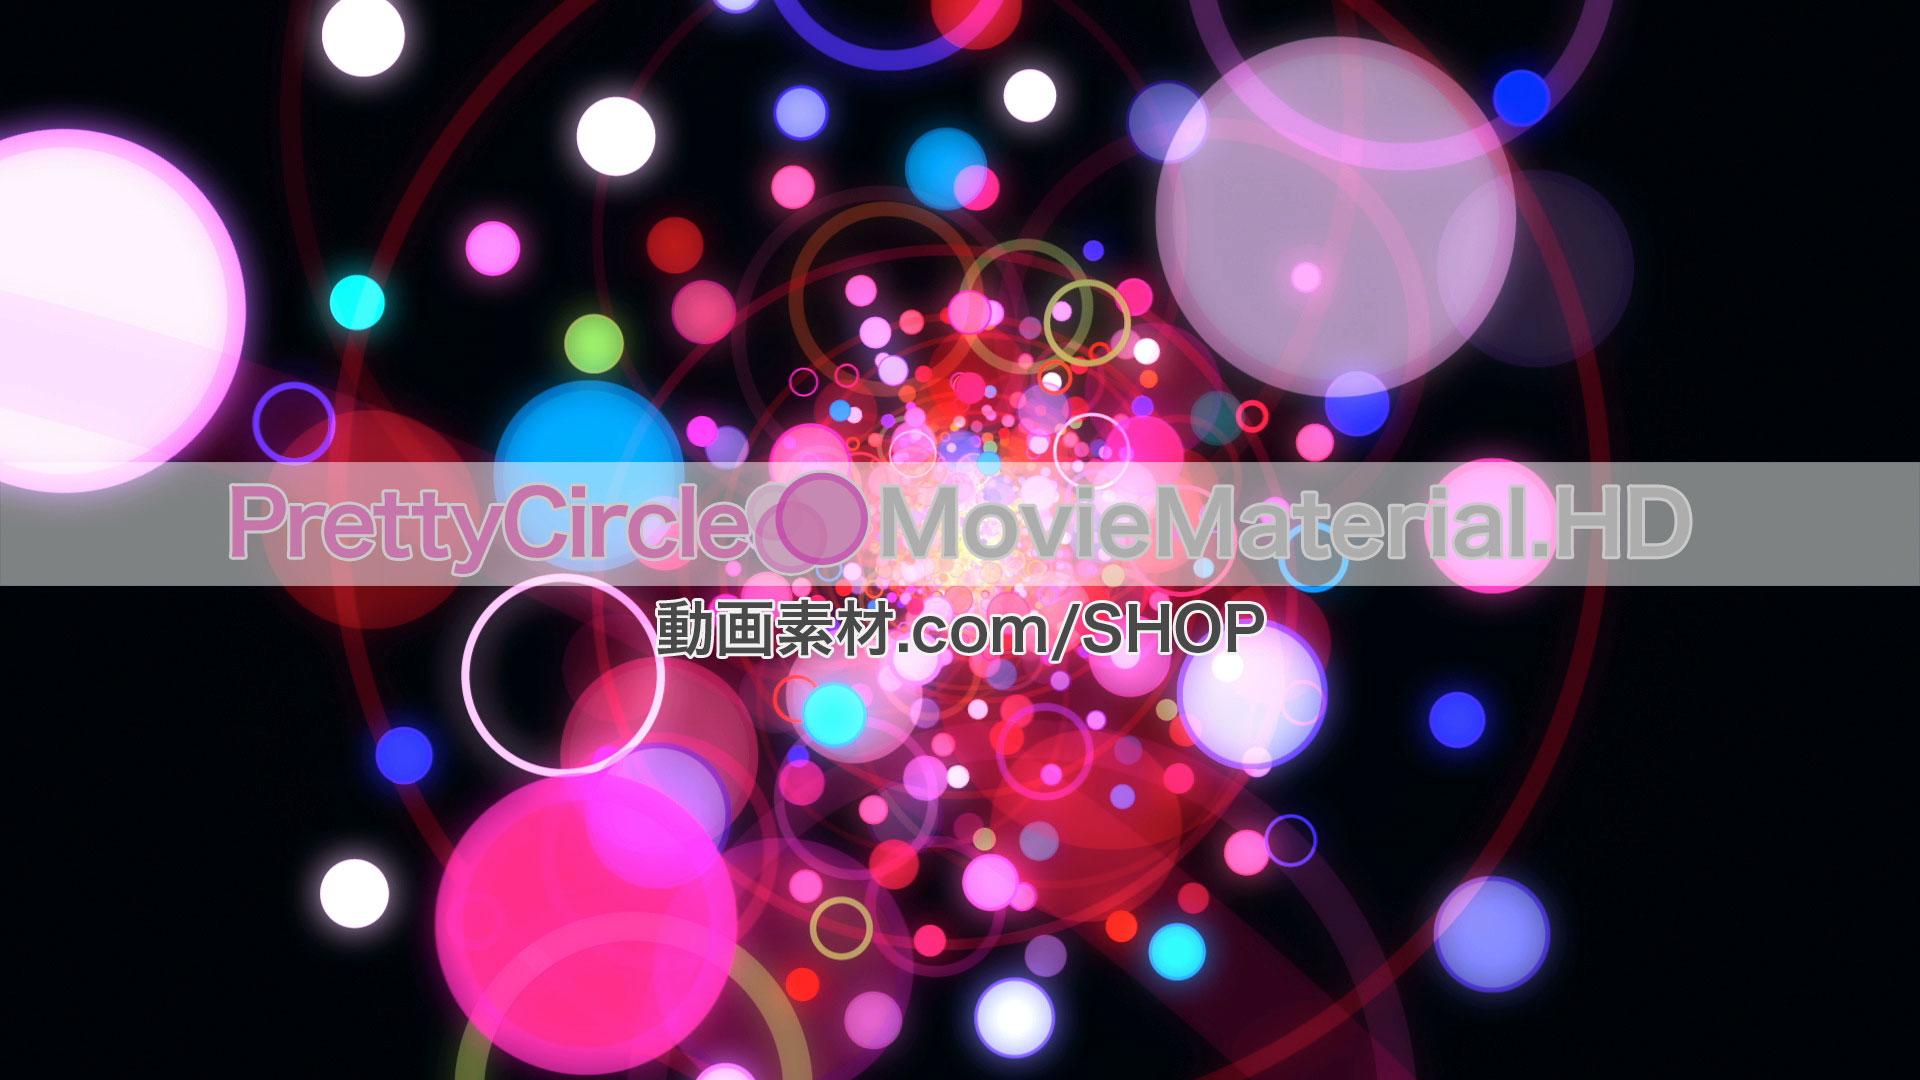 PrettyCircle MovieMaterial.HD 丸や玉をモチーフにしたフルハイビジョンCG動画素材集 ロイヤリティフリーimage2